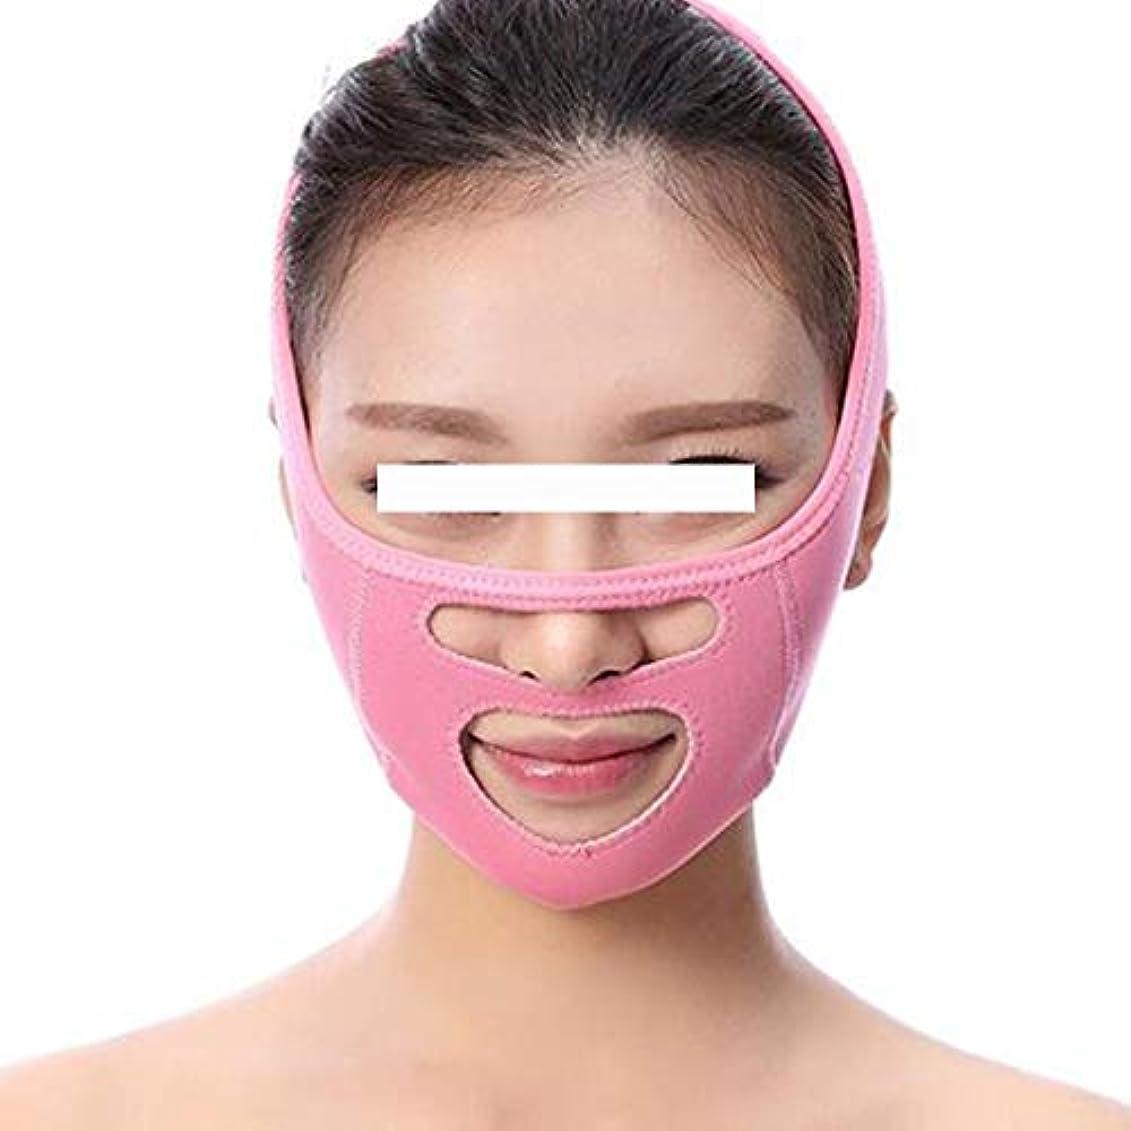 一見地上で芝生人気のVフェイスマスク - 睡眠小顔美容フェイス包帯 - Decreeダブルチンvフェイスに移動